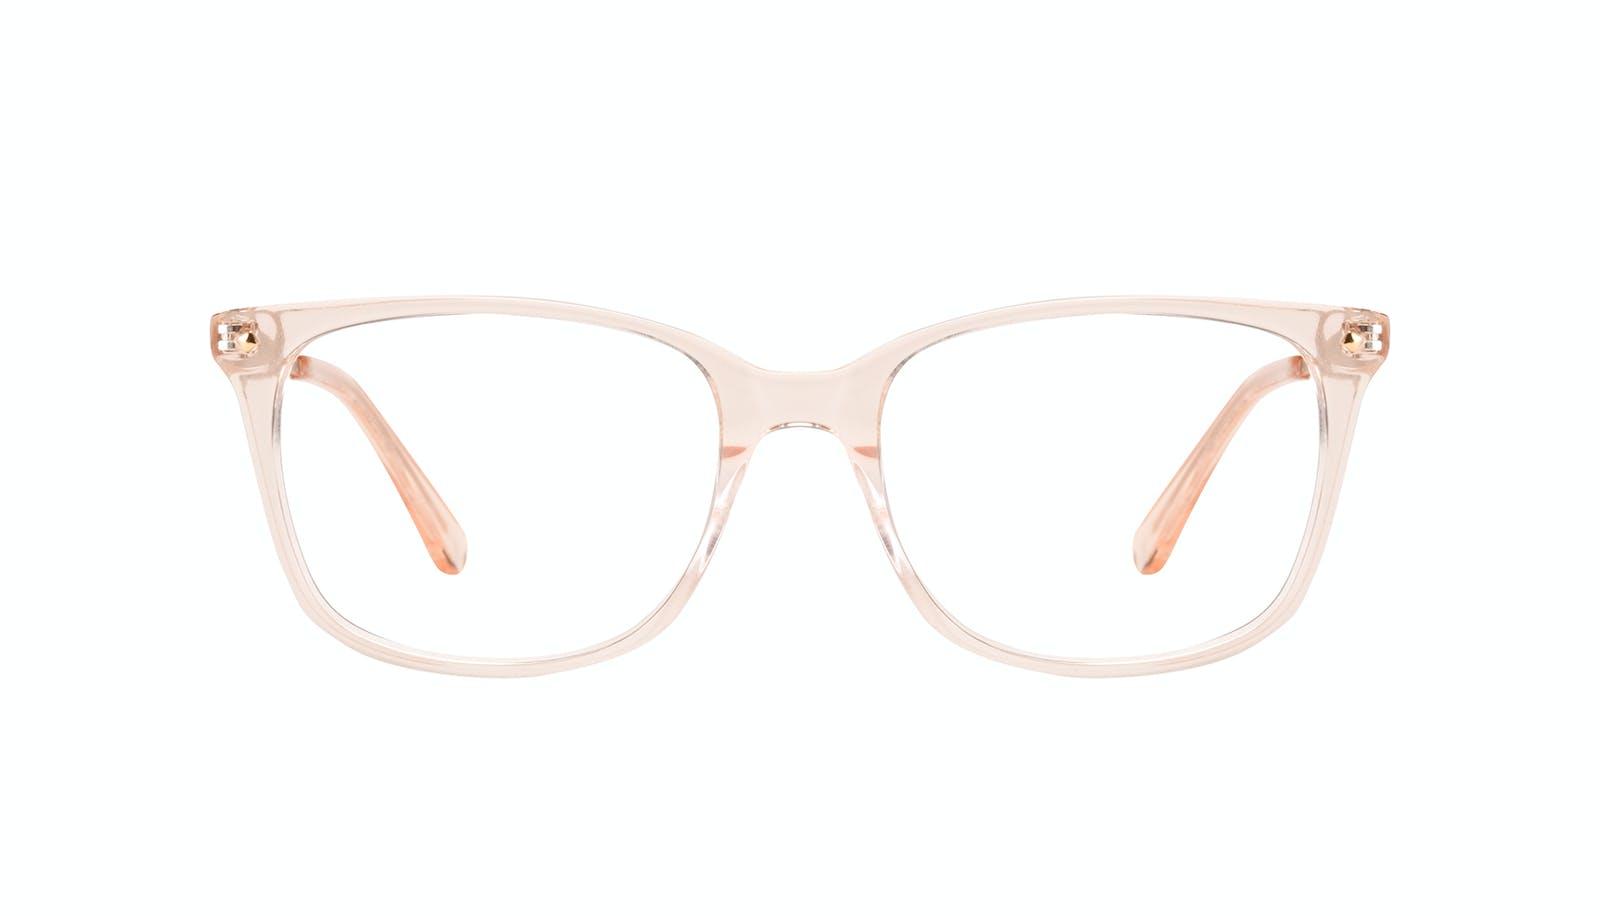 c4a2cf2f2c973d Lunettes tendance Rectangle Carr eacute e Lunettes de vue Femmes Refine  Blond